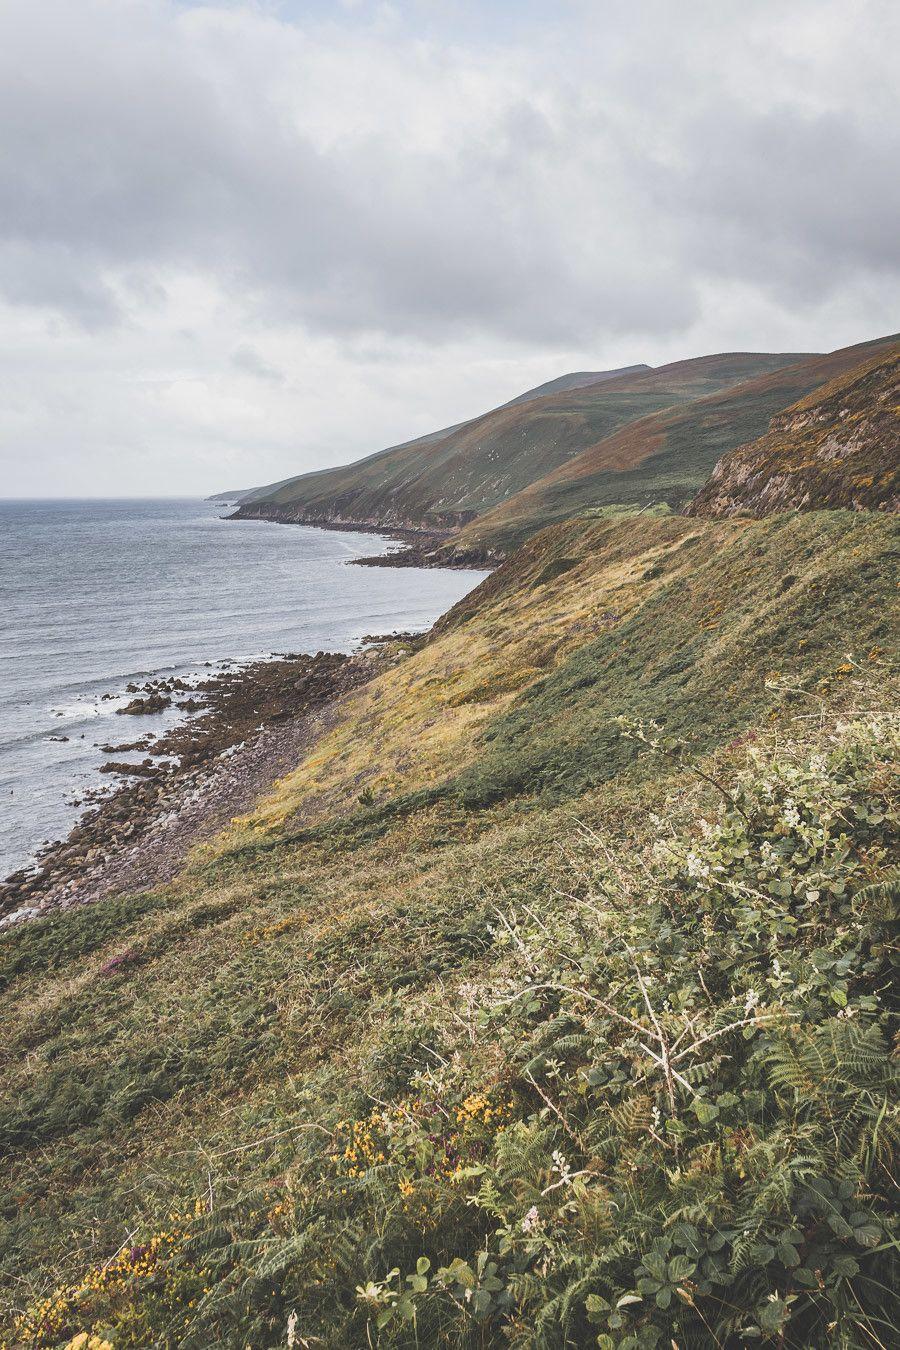 Inch beach, plage du Sud-Ouest du comté de Kerry